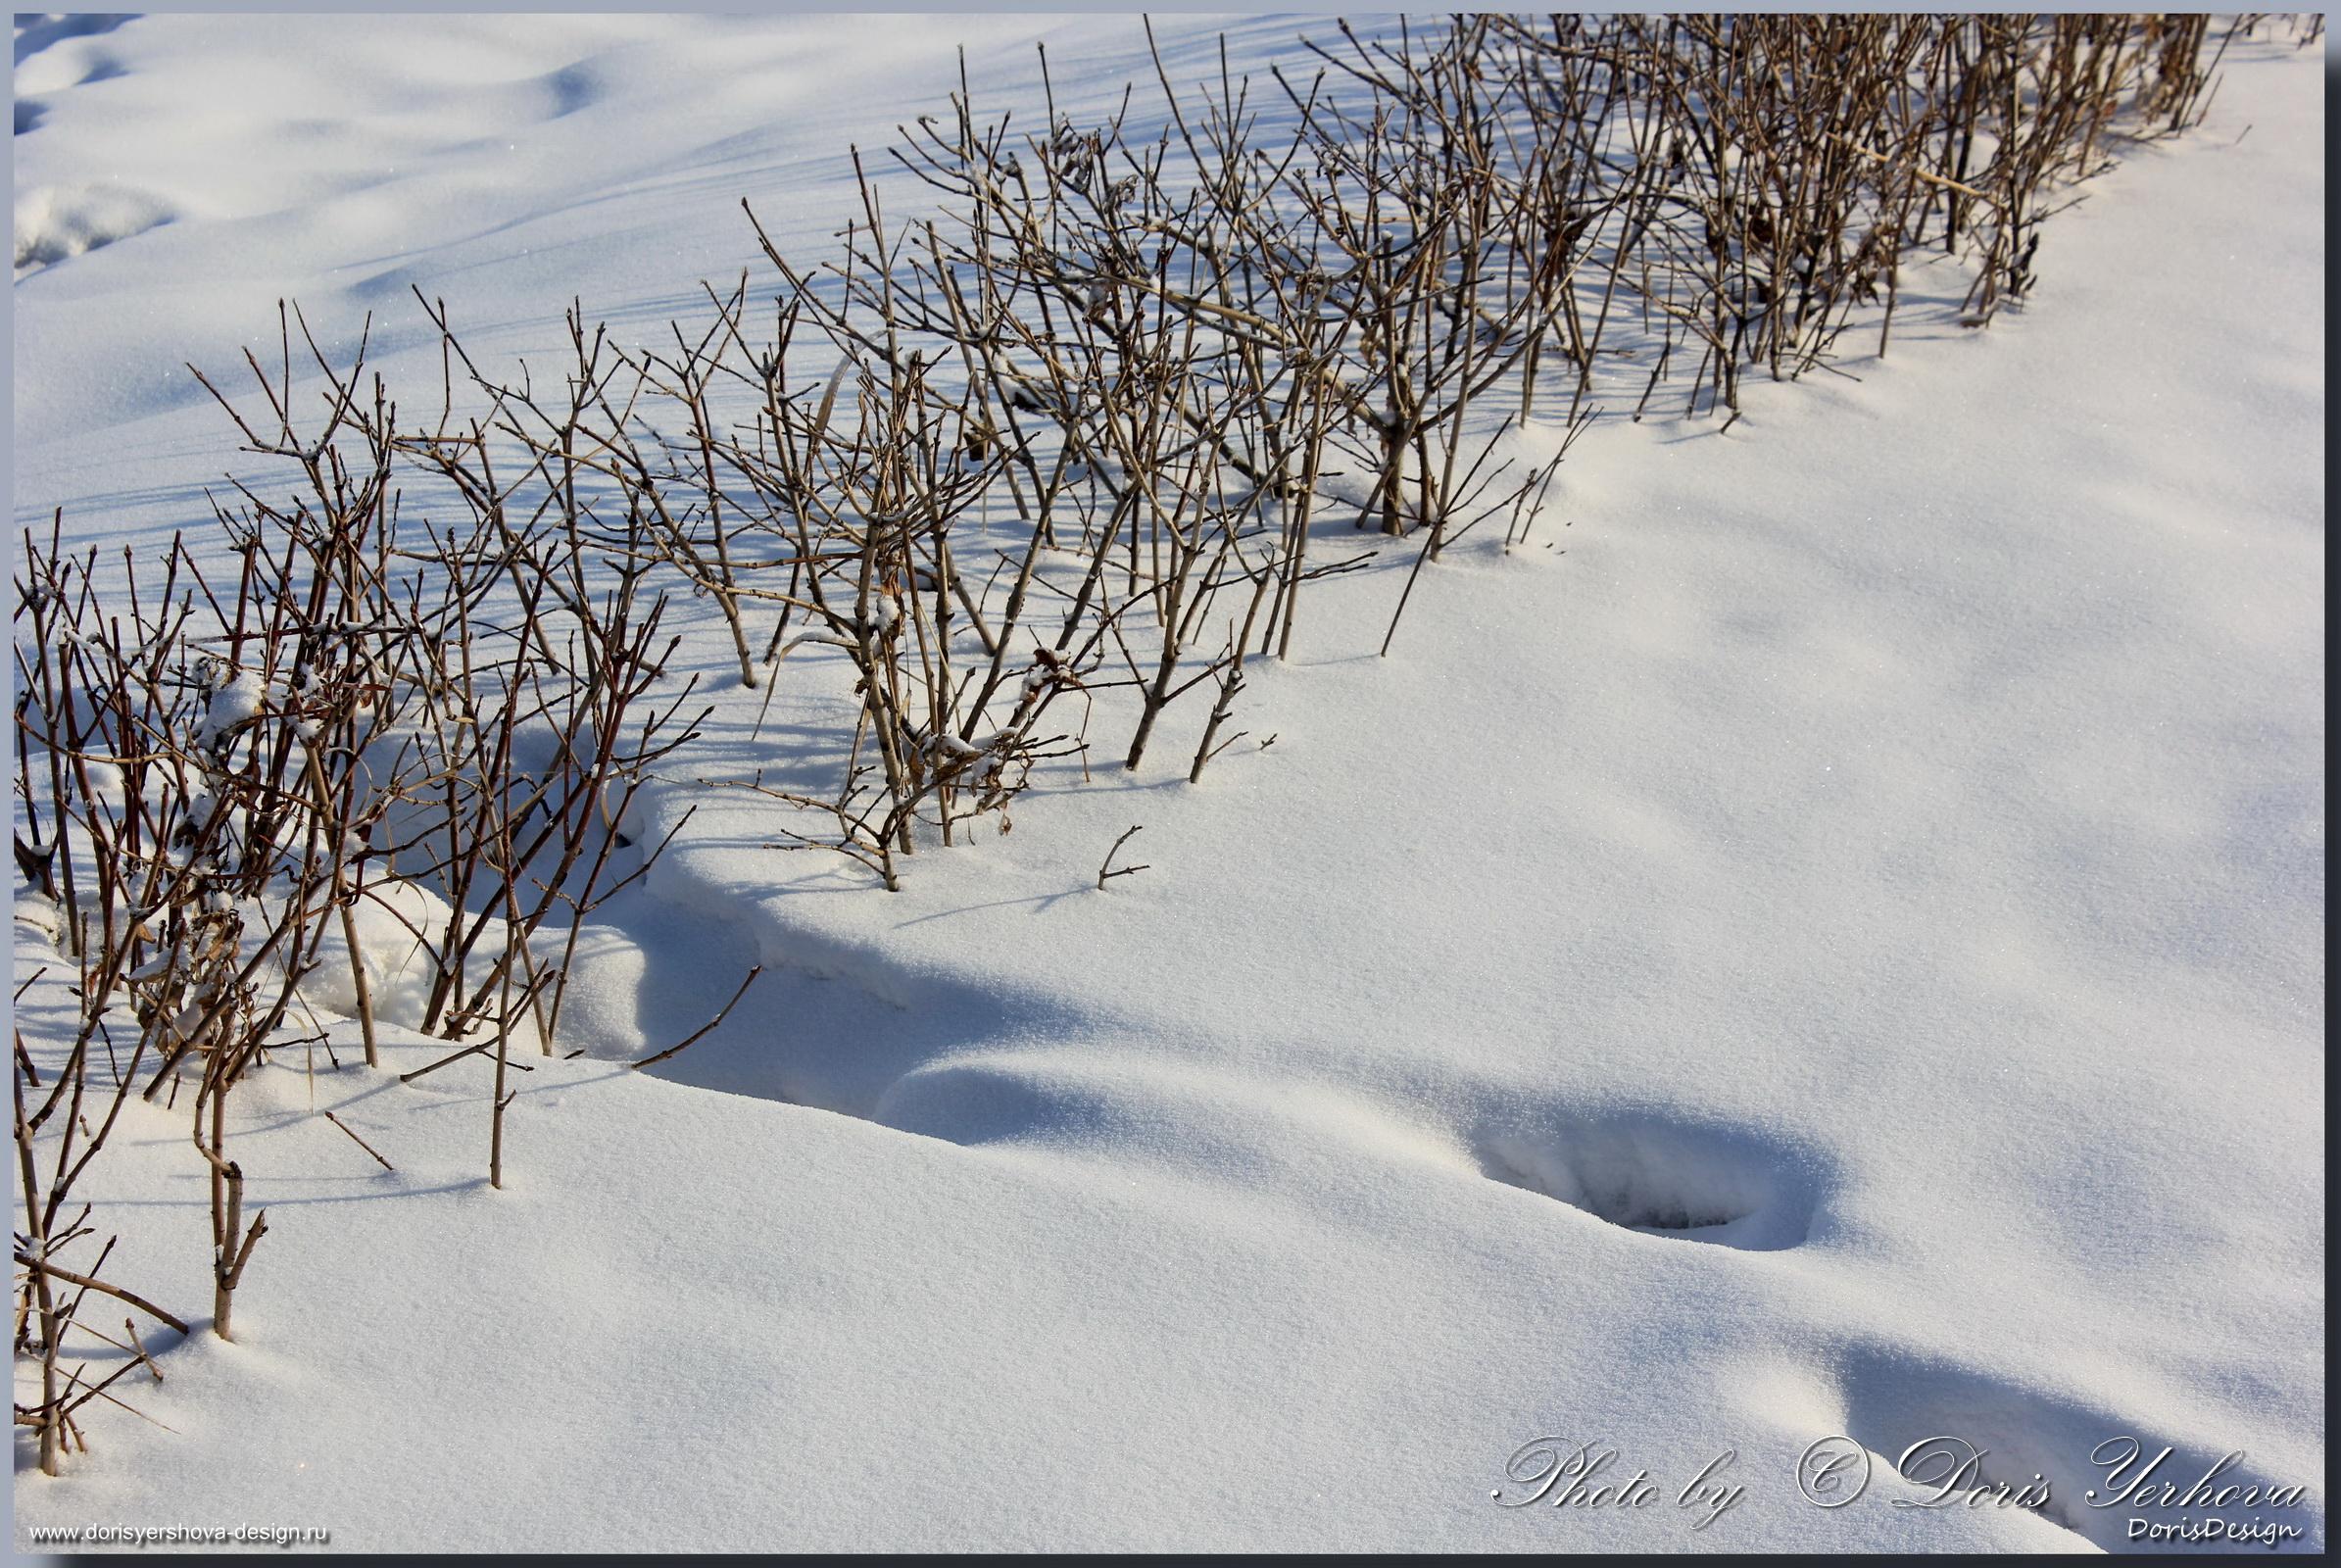 Тени на снегу. Фото - Дорис Ершова